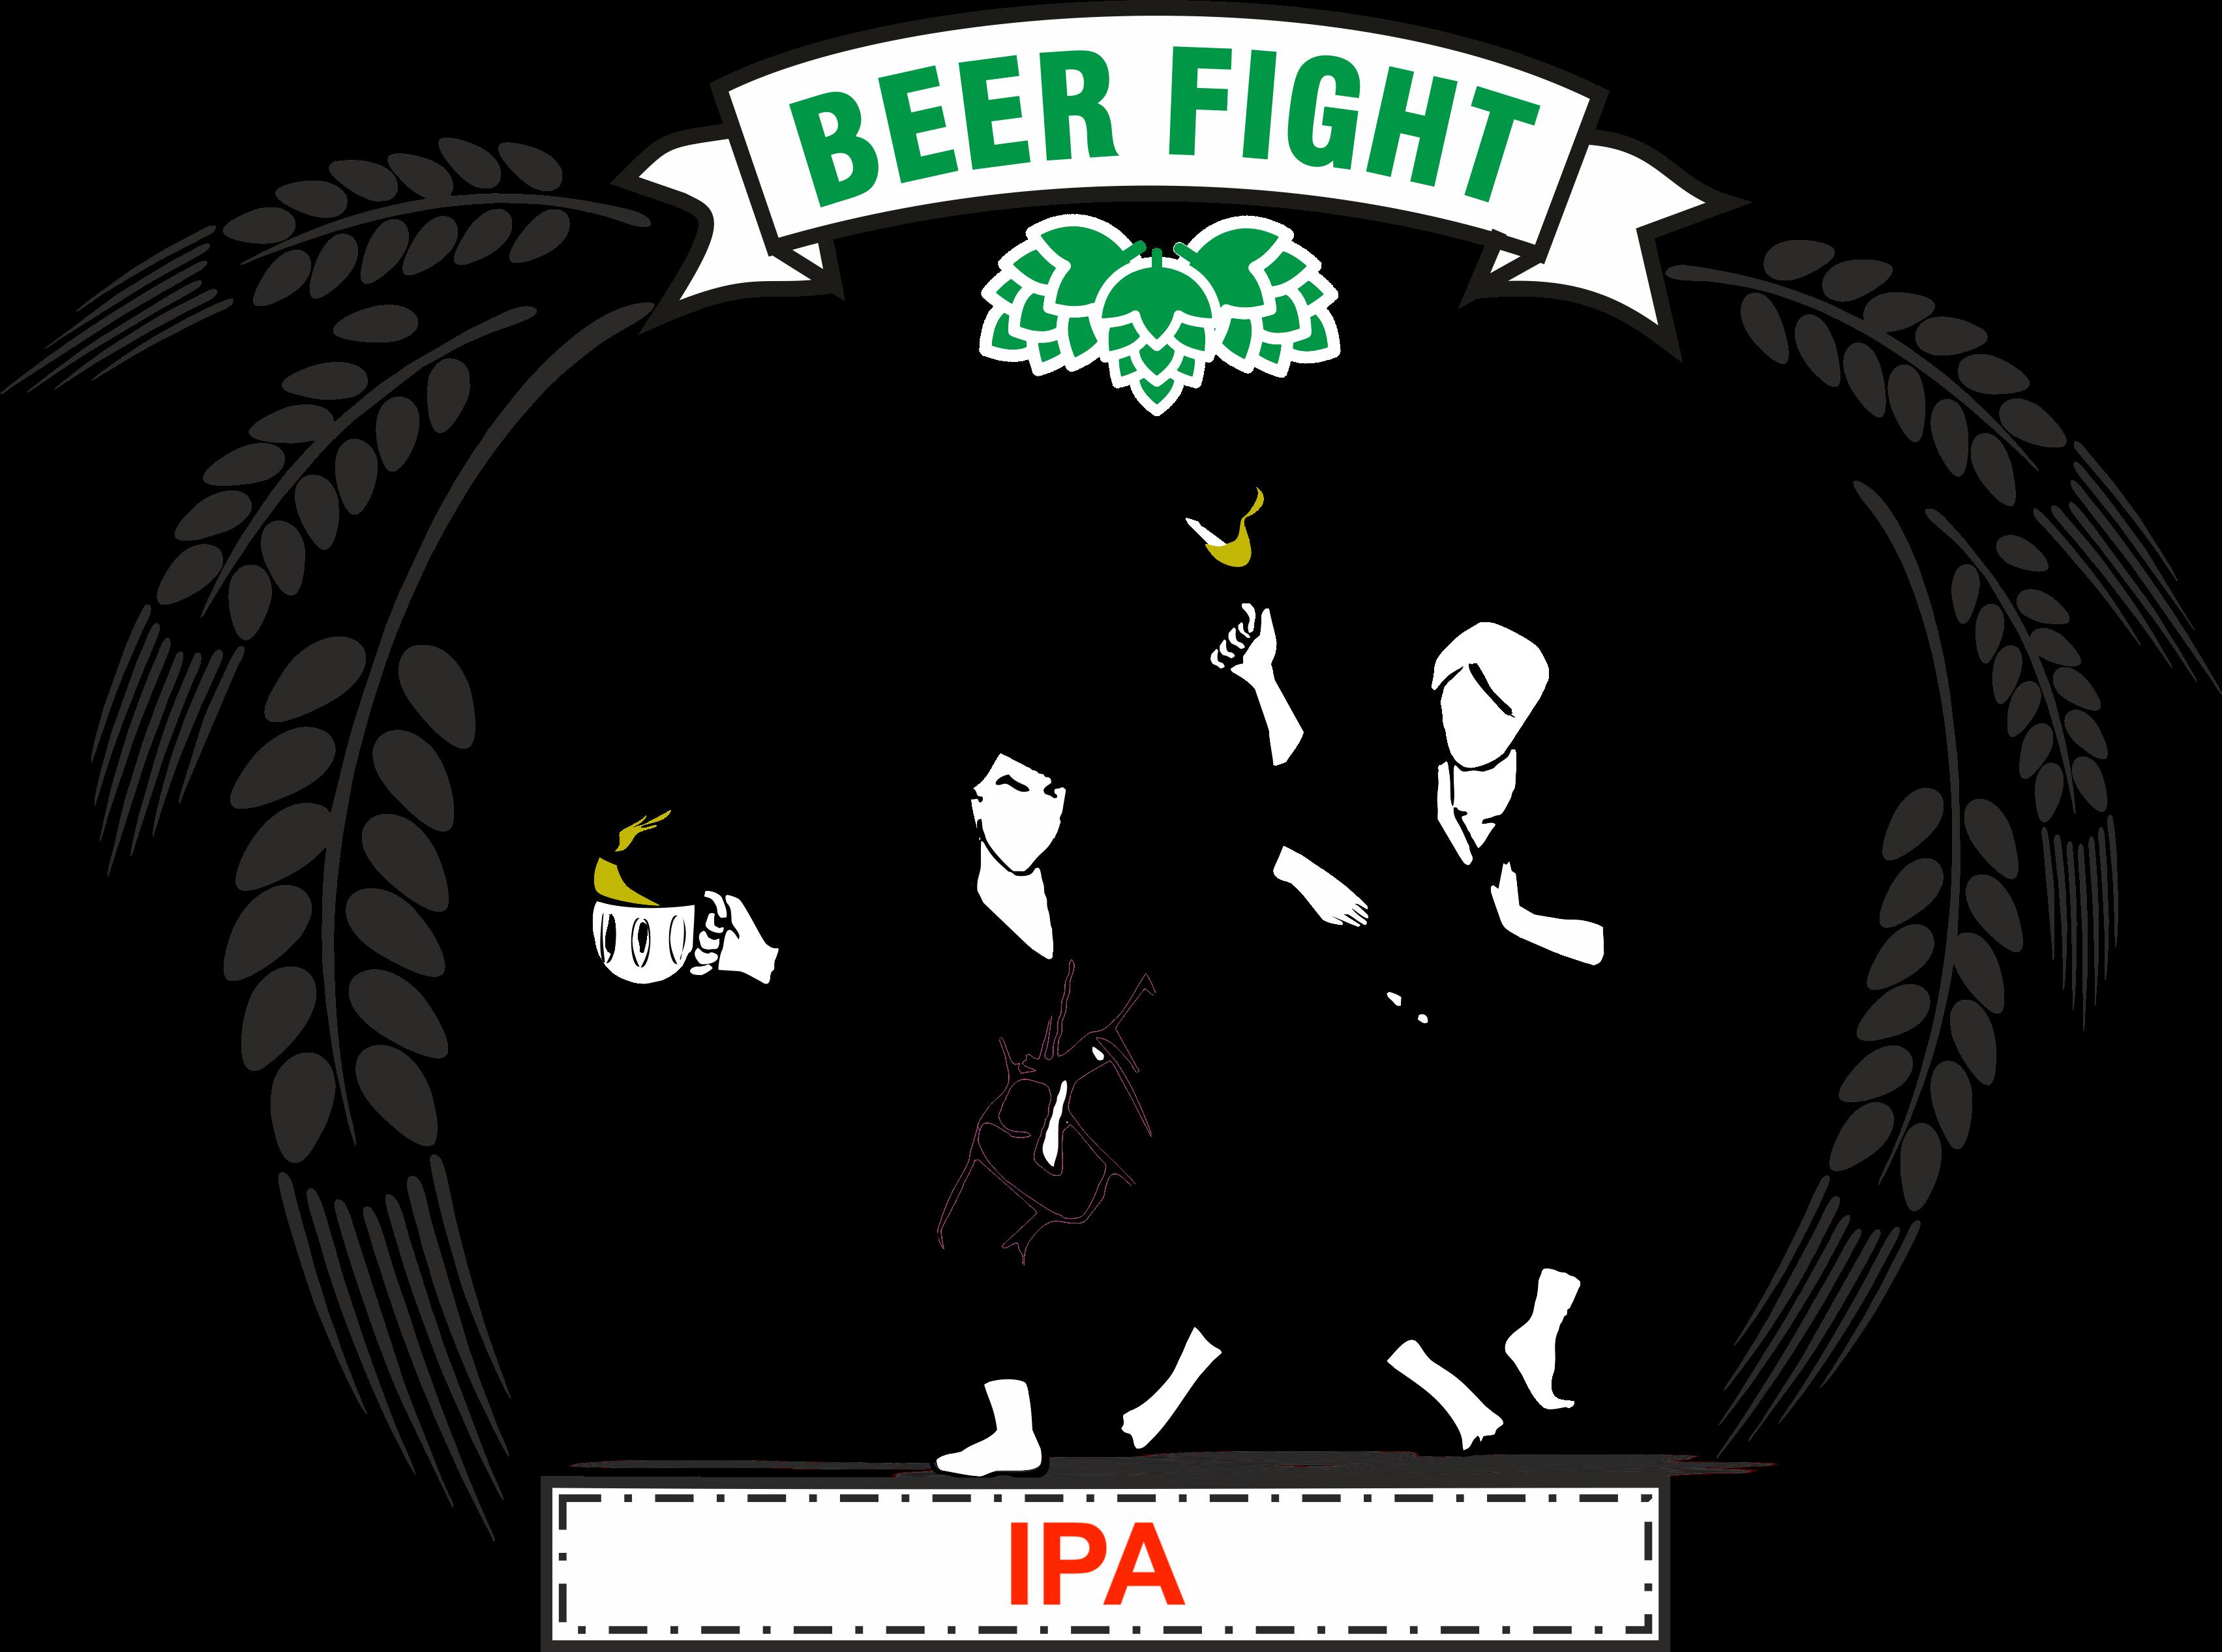 BEER FIGHT: IPA